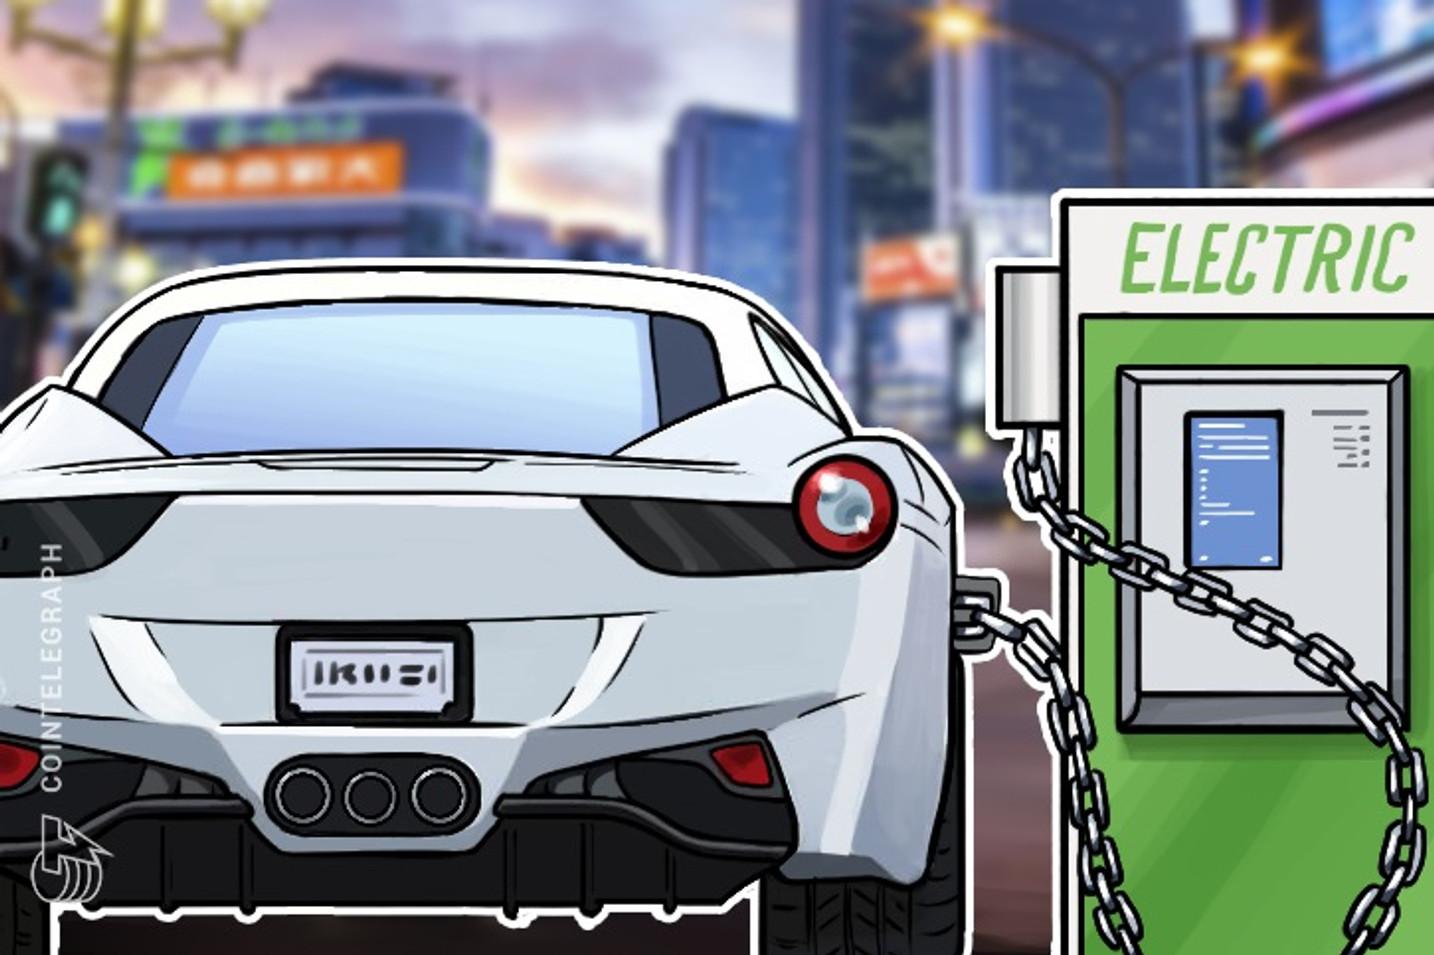 Il progetto di una società elettrica giapponese prevede l'uso del Lighting Network per pagare le ricariche delle automobili